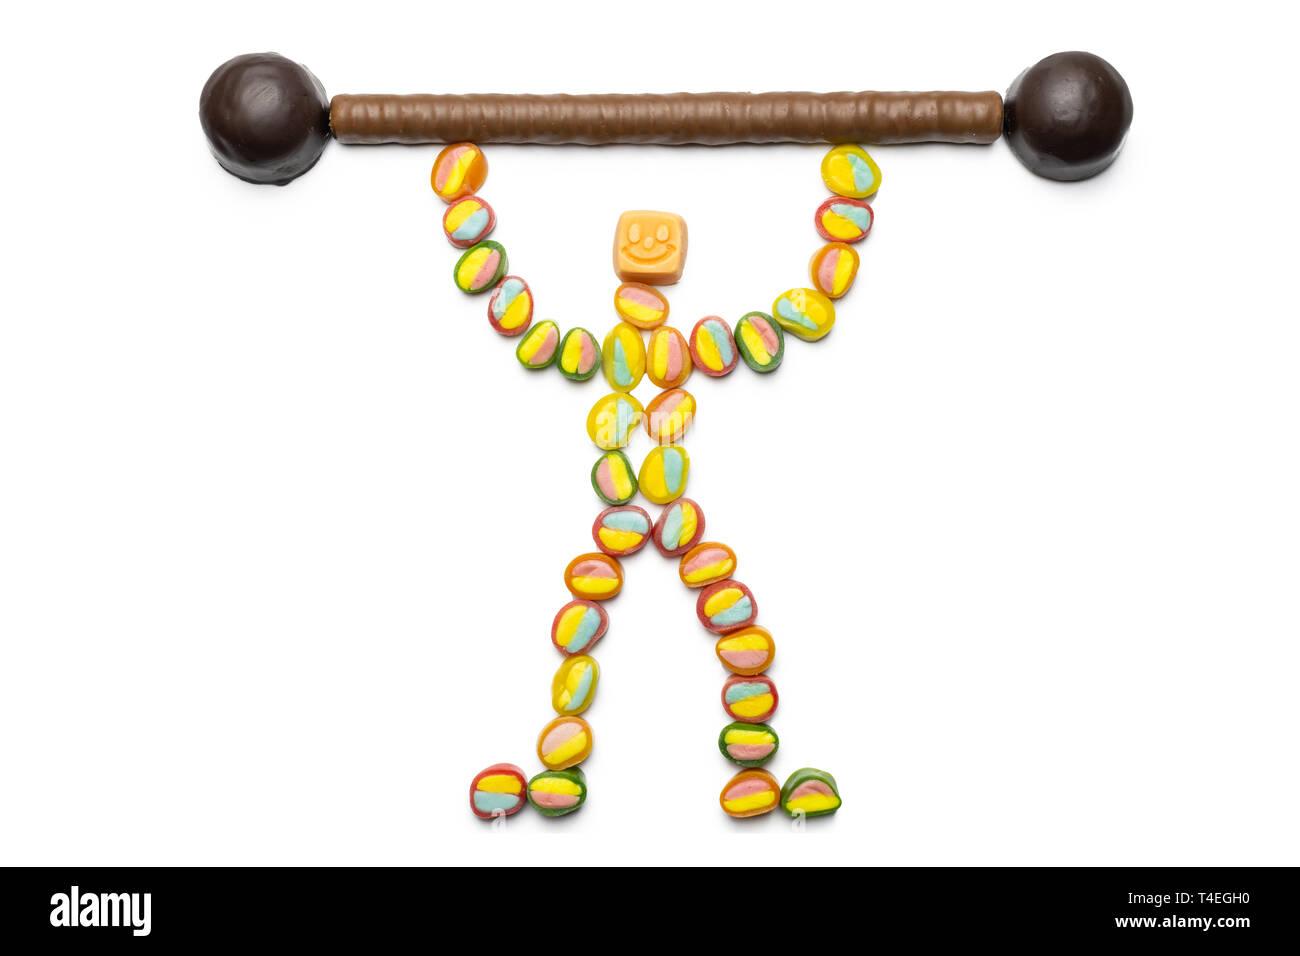 Vantaggi di dolcezza concetto, isolata. Piccolo uomo realizzato da caramelle con candy bar. Caramelle di dare forza e gioia. Carboidrati la vostra principale fonte di energ Immagini Stock